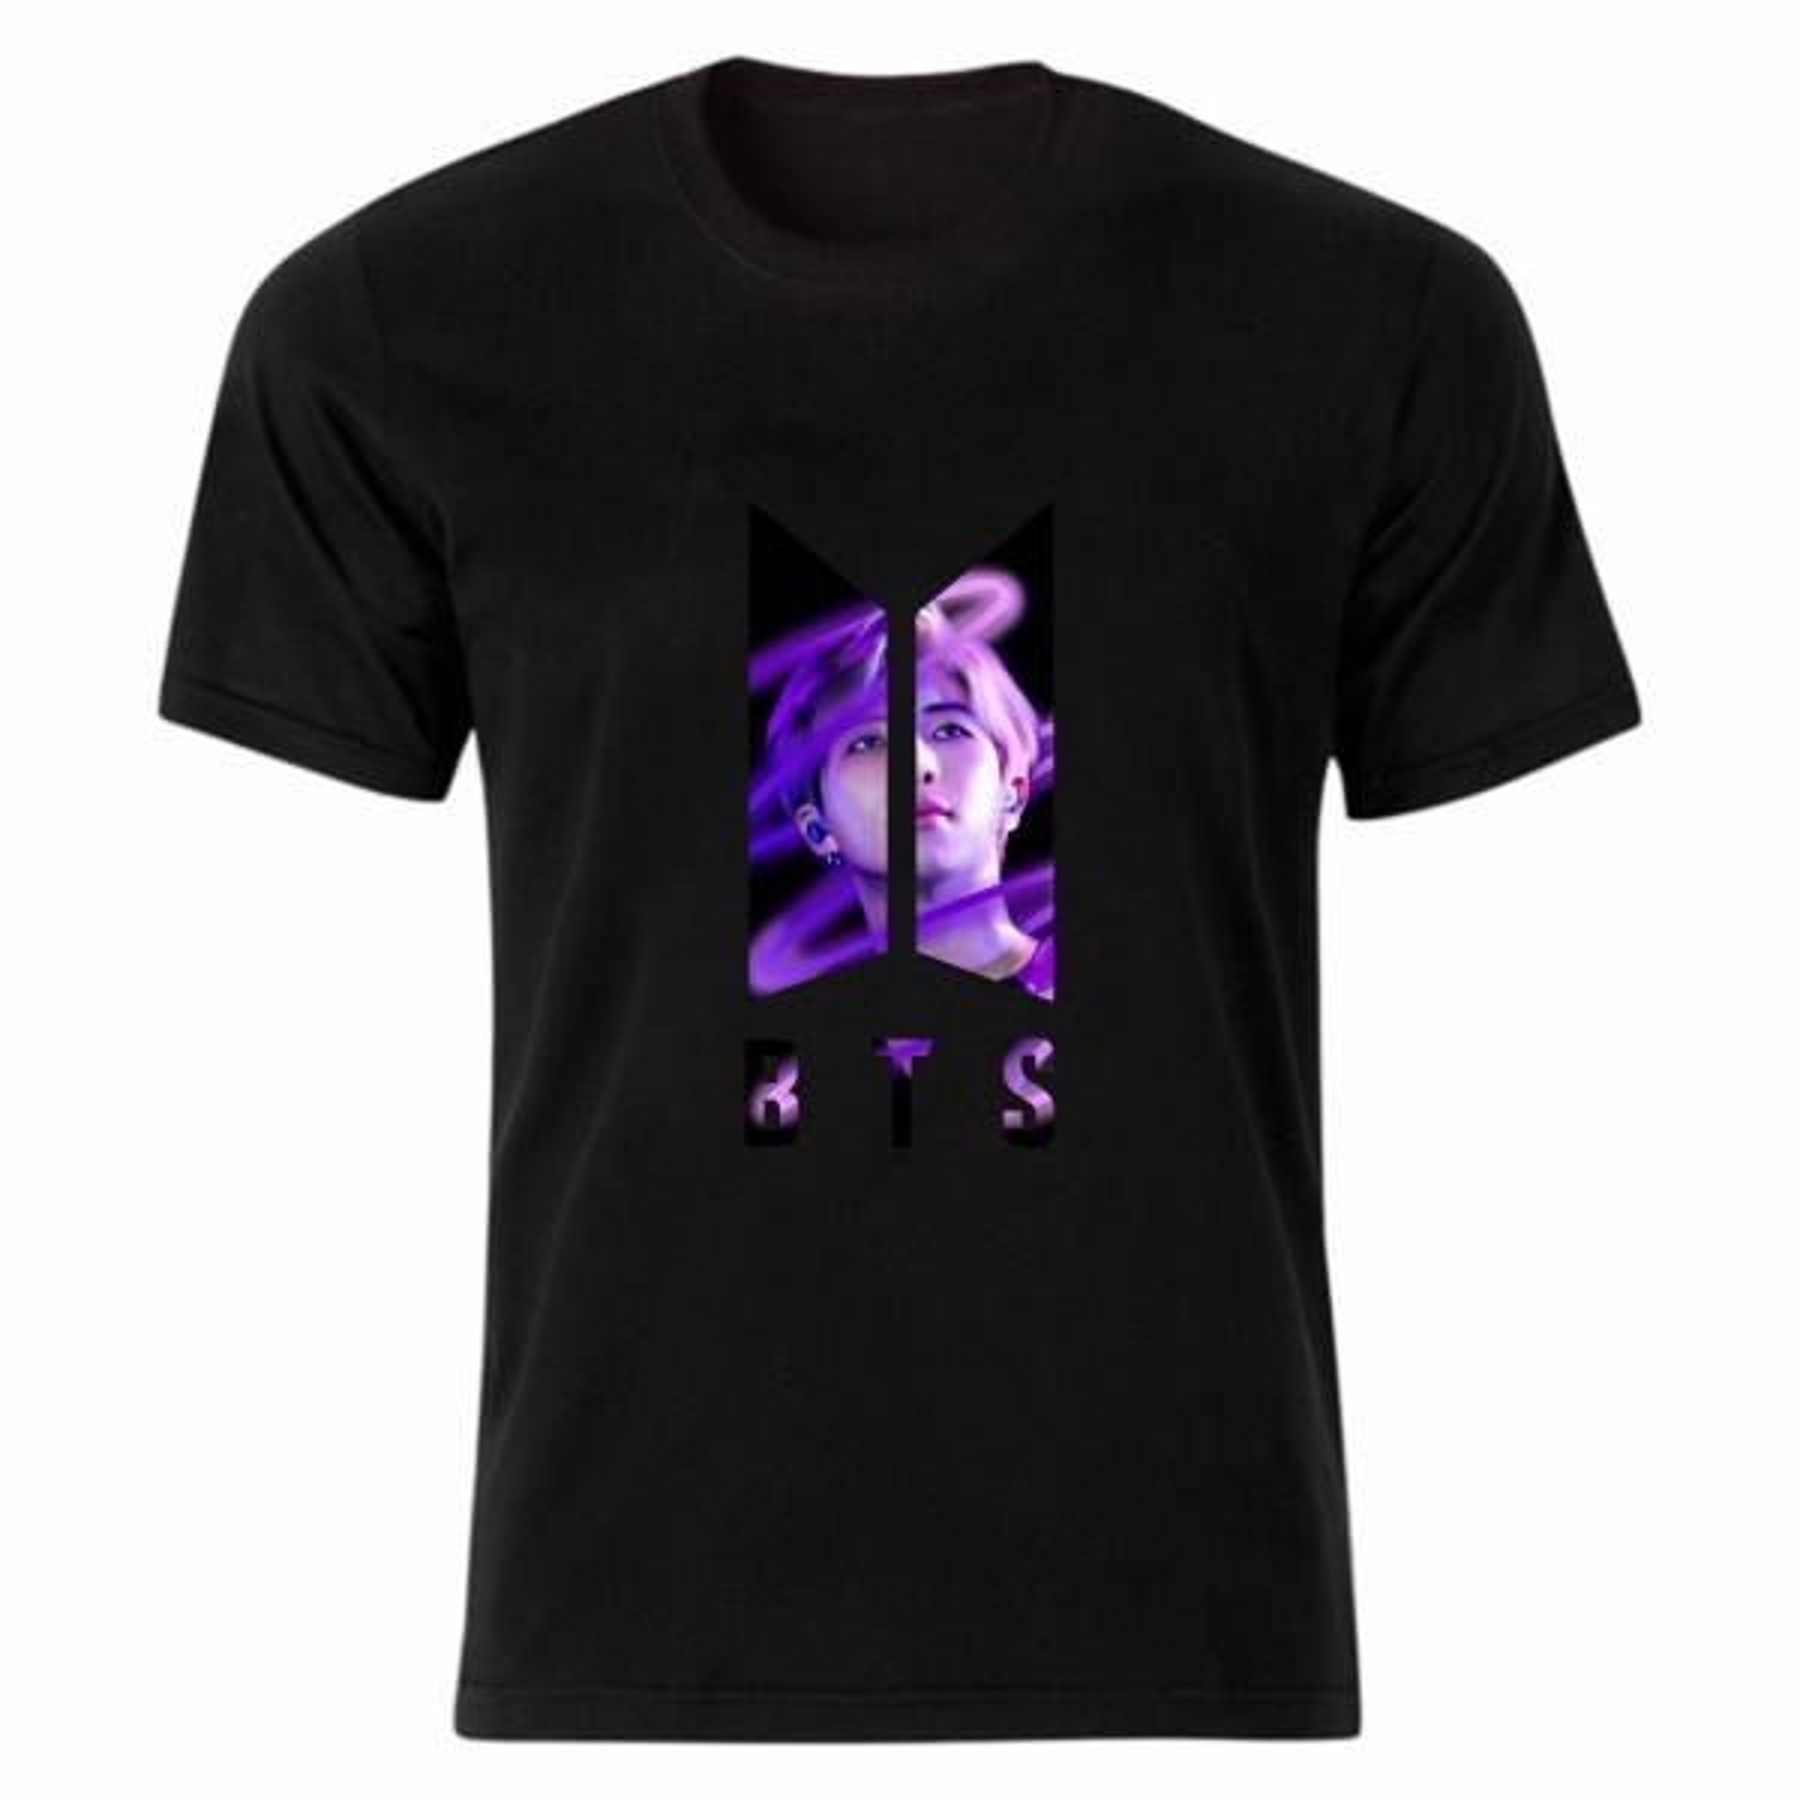 تی شرت آستین کوتاه زنانه مدل بی تی اس tme557